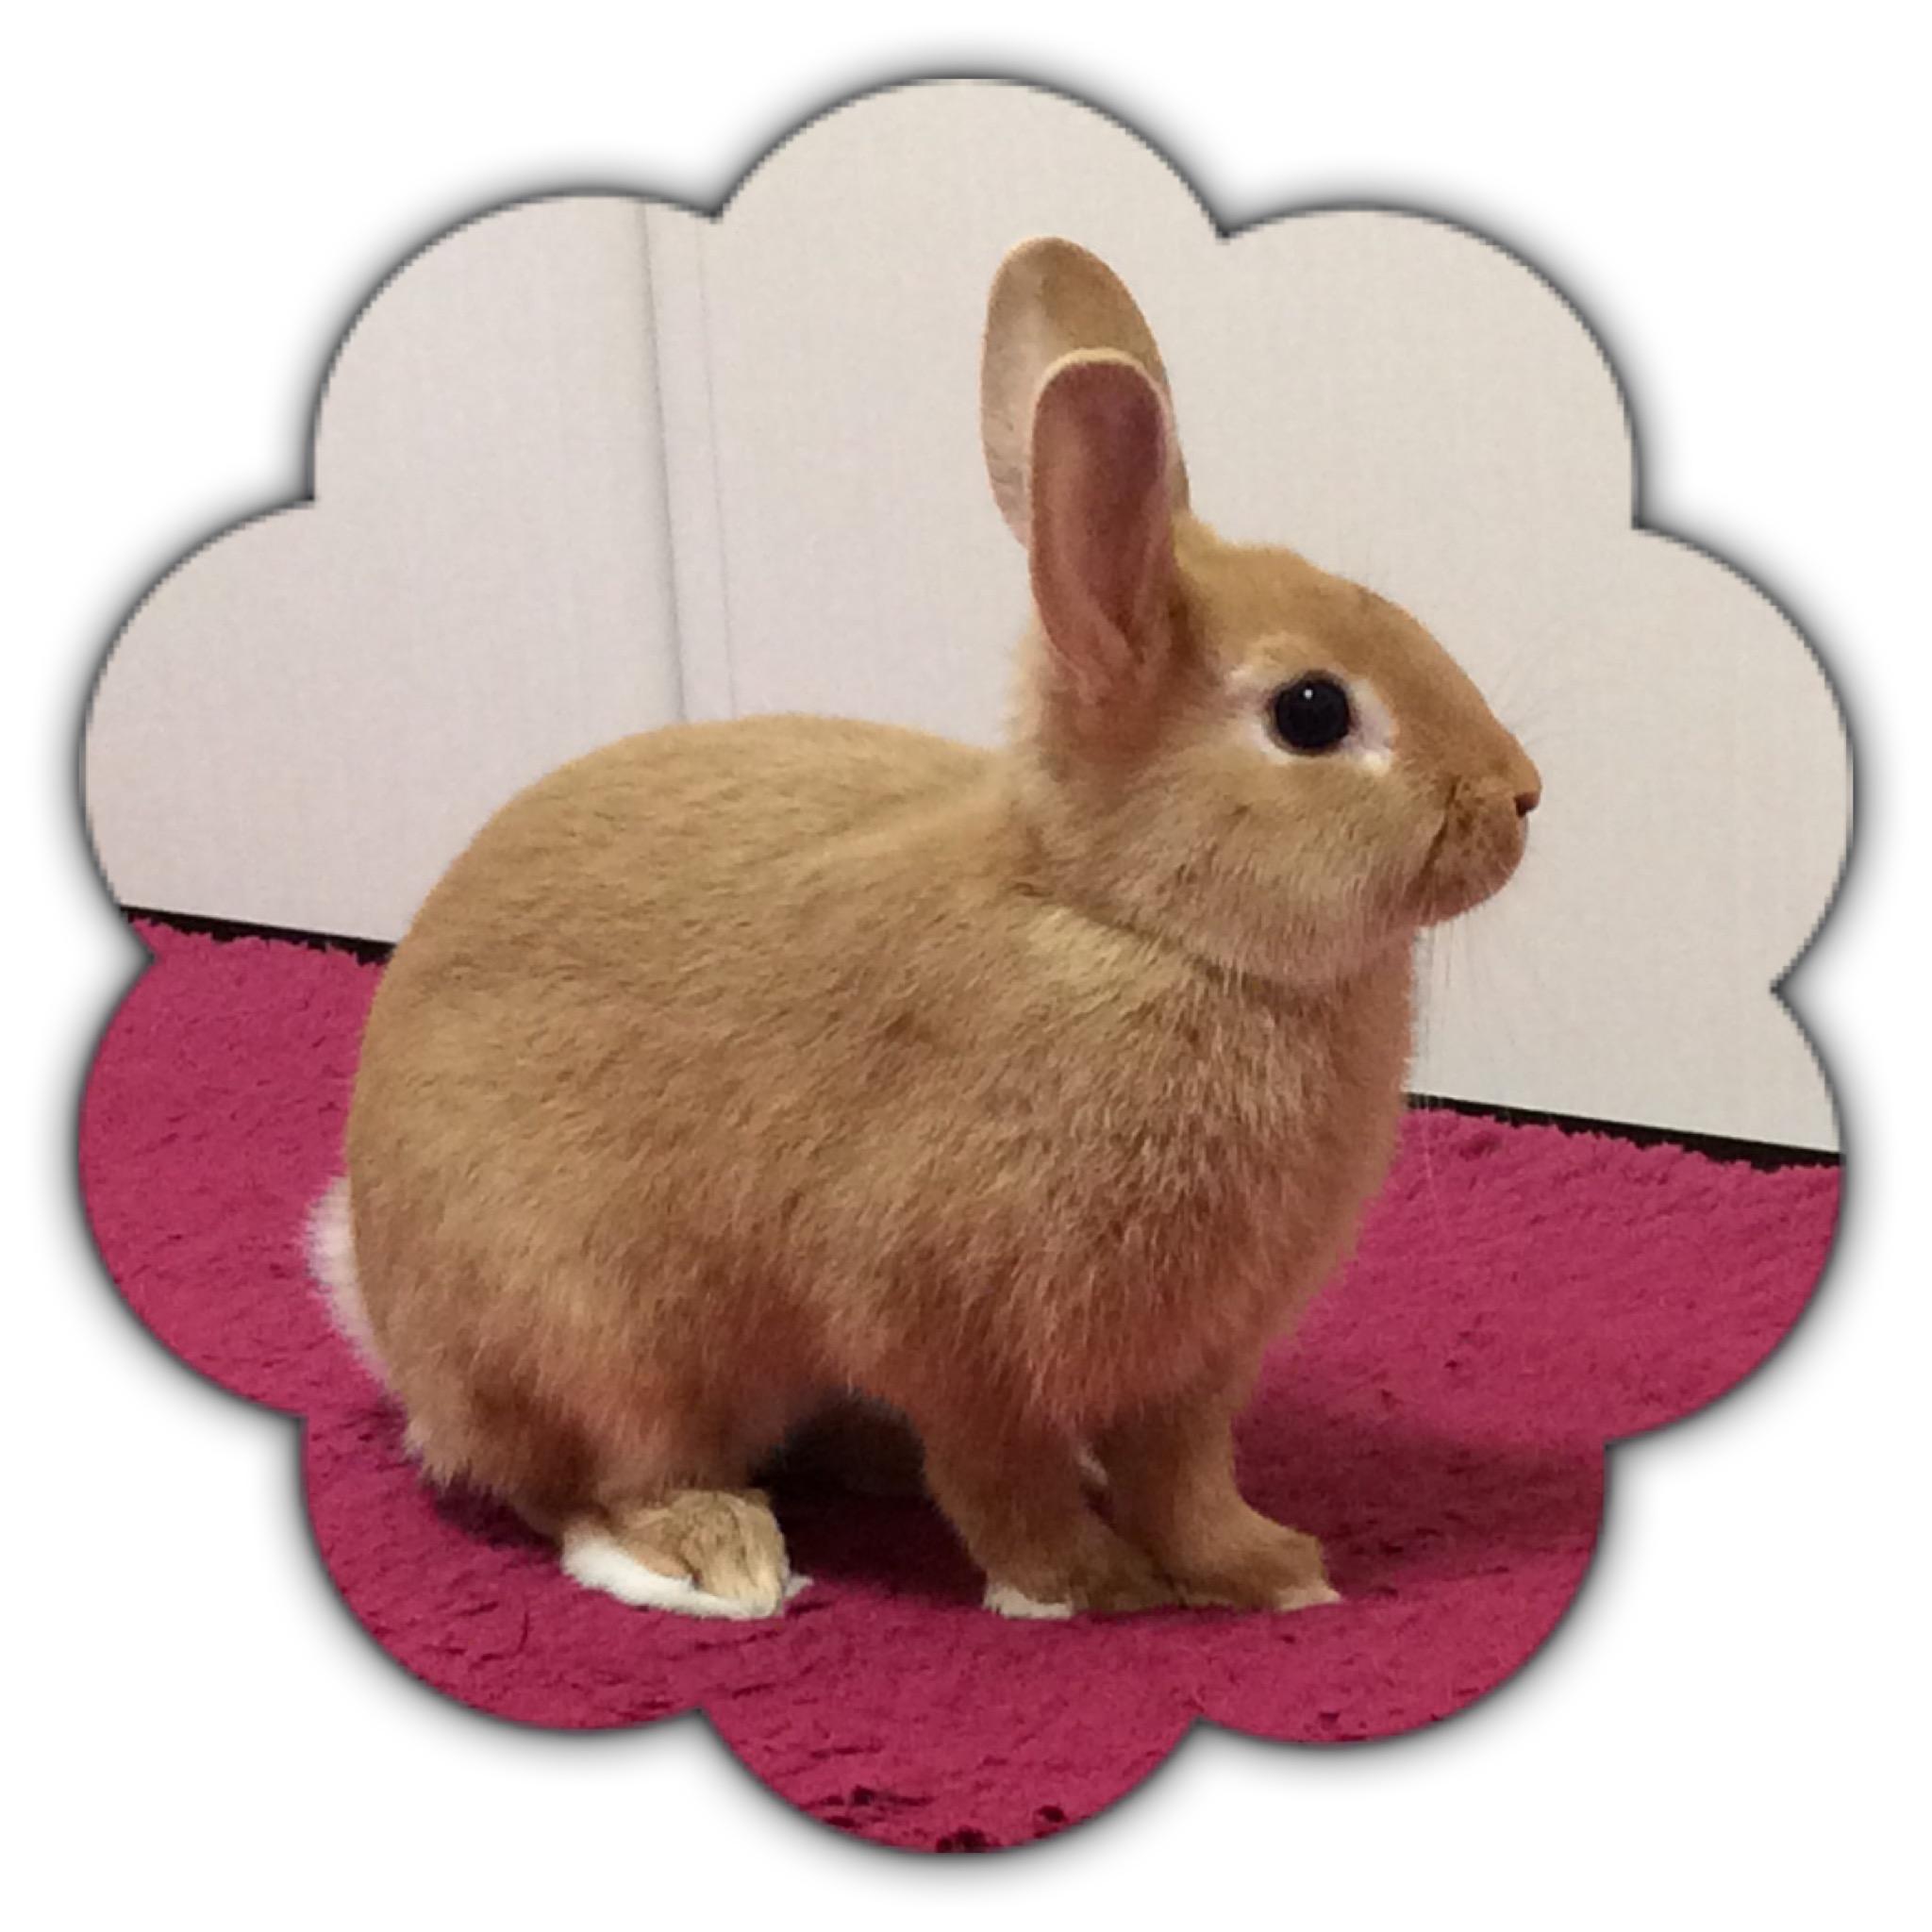 子ウサギ  きなこちゃん